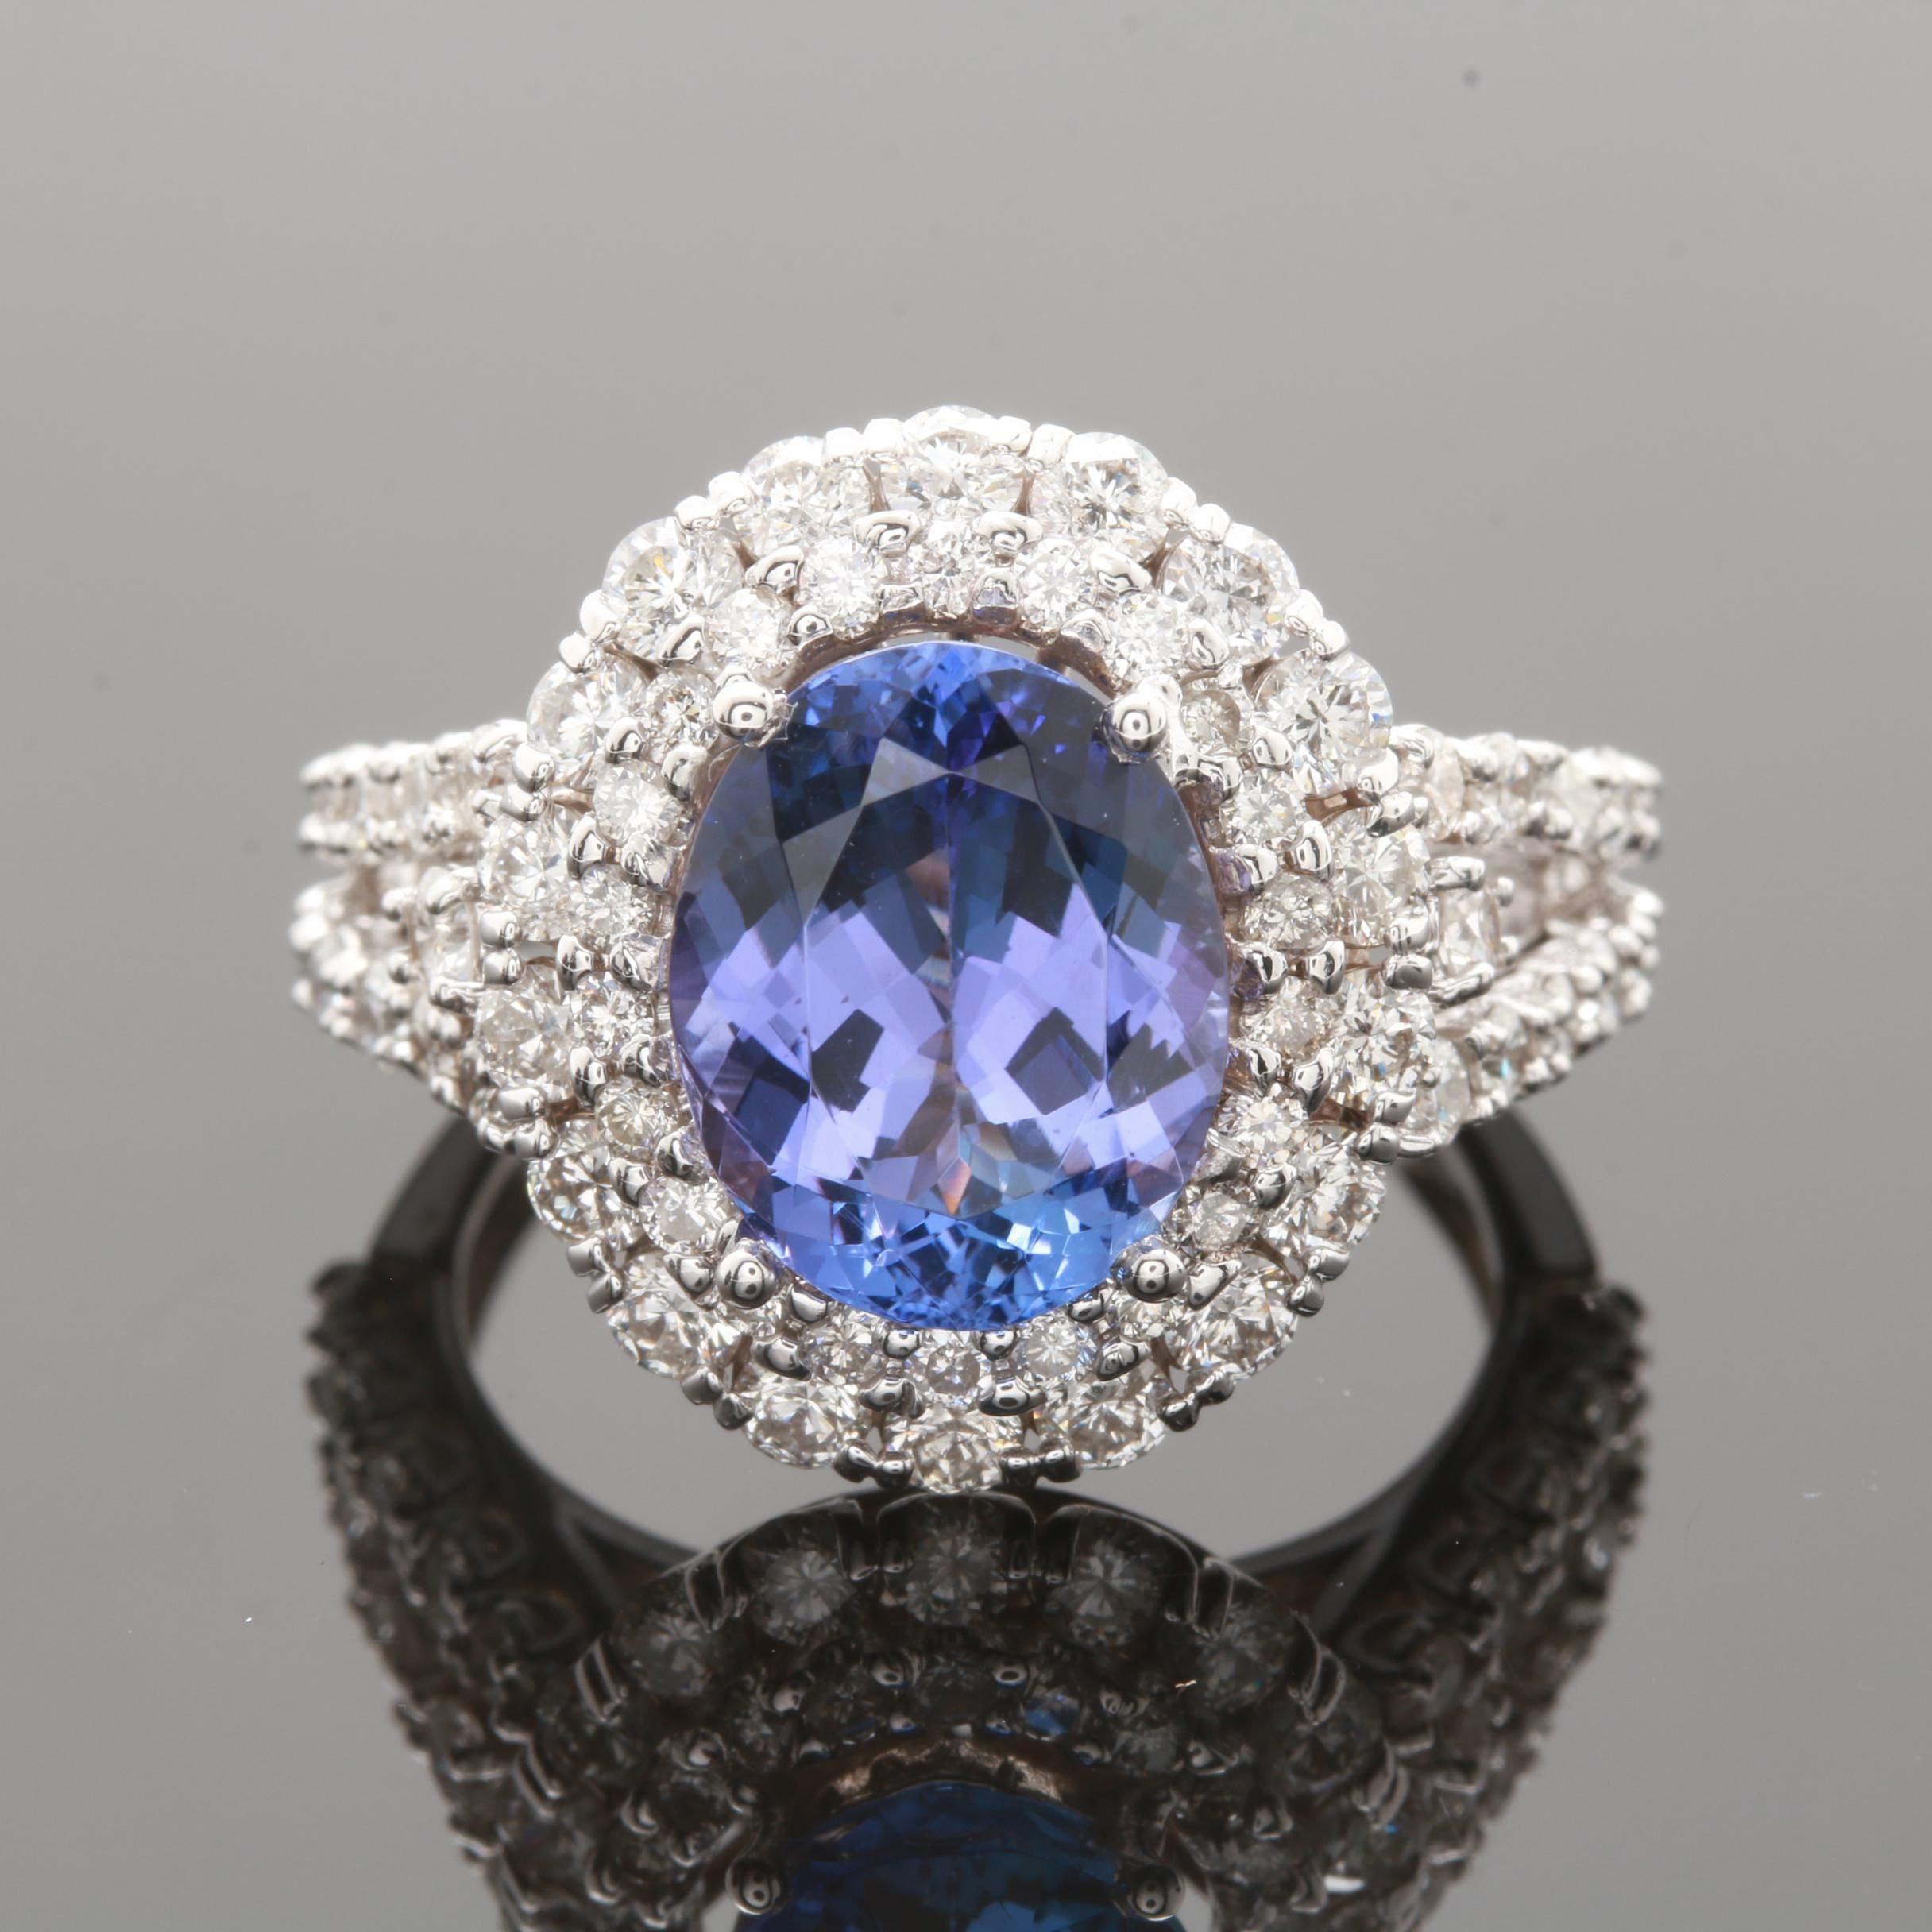 14K White Gold 3.27 CT Tanzanite and 1.70 CTW Diamond Ring